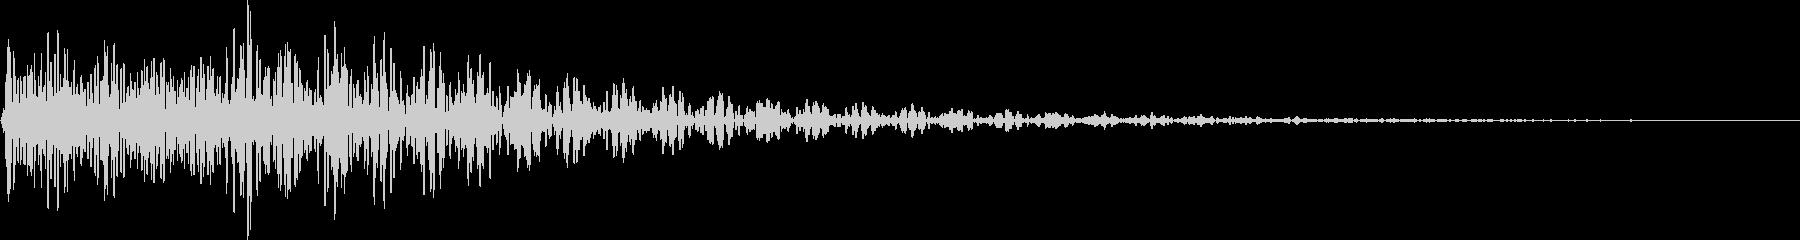 デデン(ミス、キャンセル、ガムラン)の未再生の波形